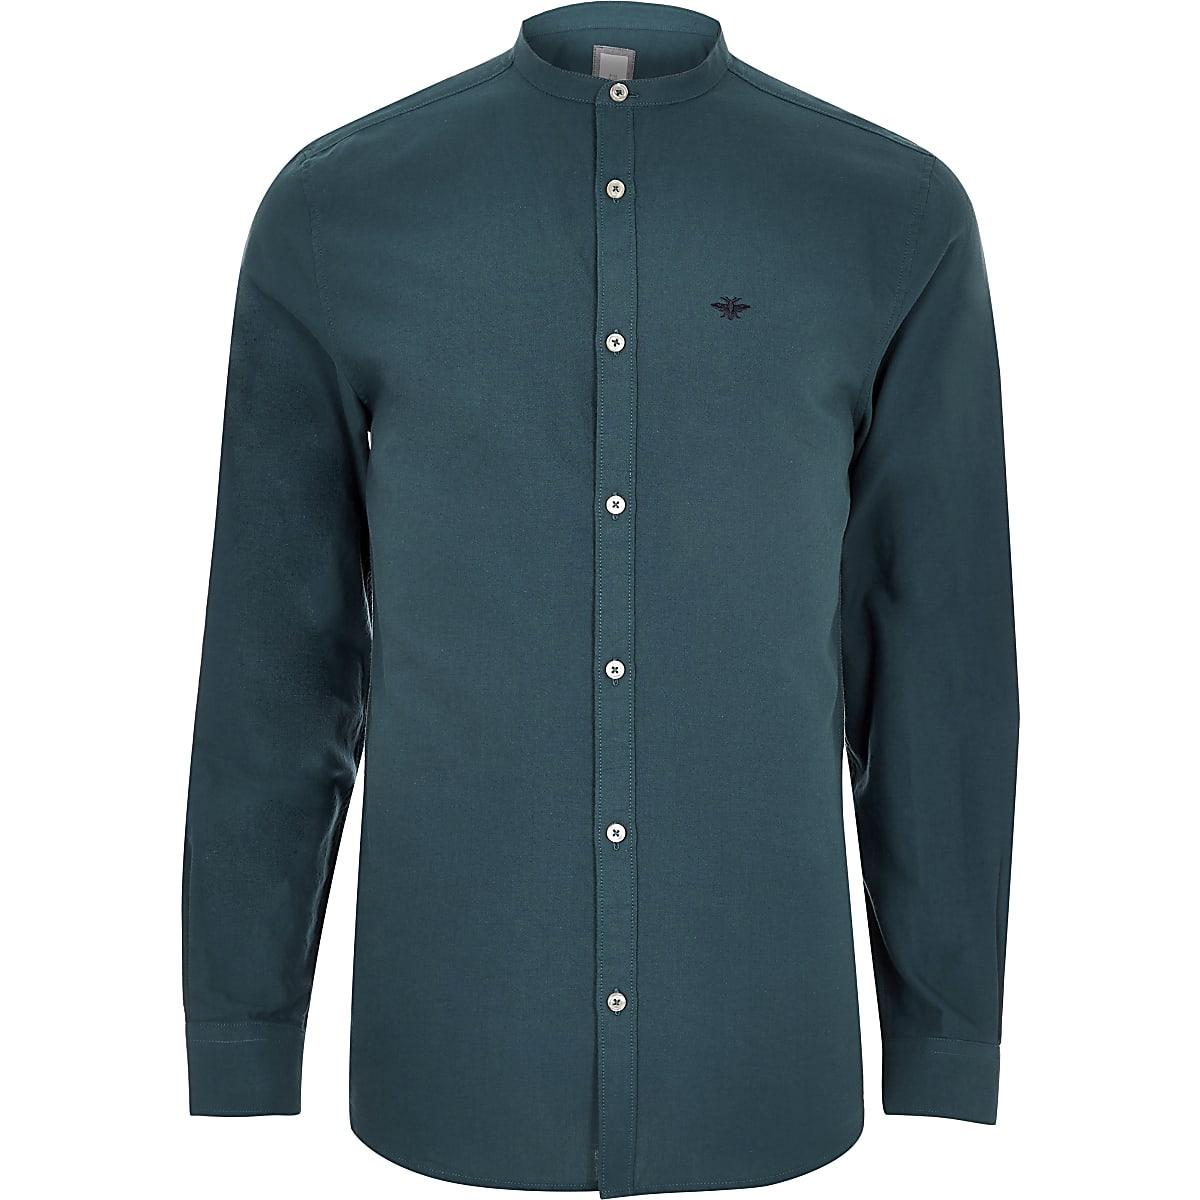 Overhemd Zonder Kraag.Blauwgroen Oxford Overhemd Zonder Kraag Met Geborduurde Wesp